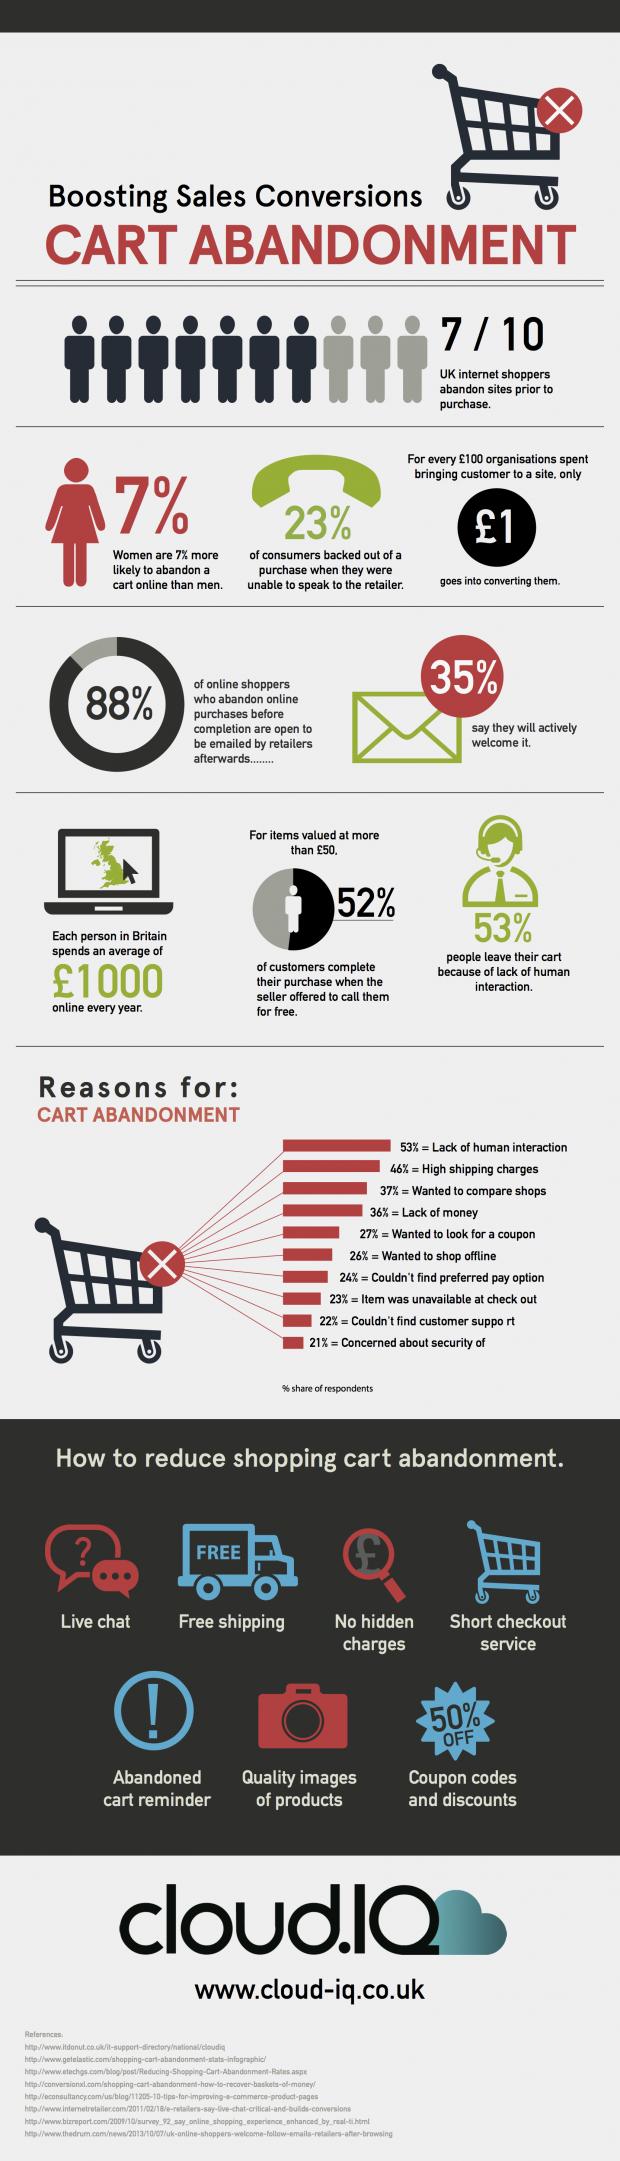 Cart-abandon-infographic-email-marketing